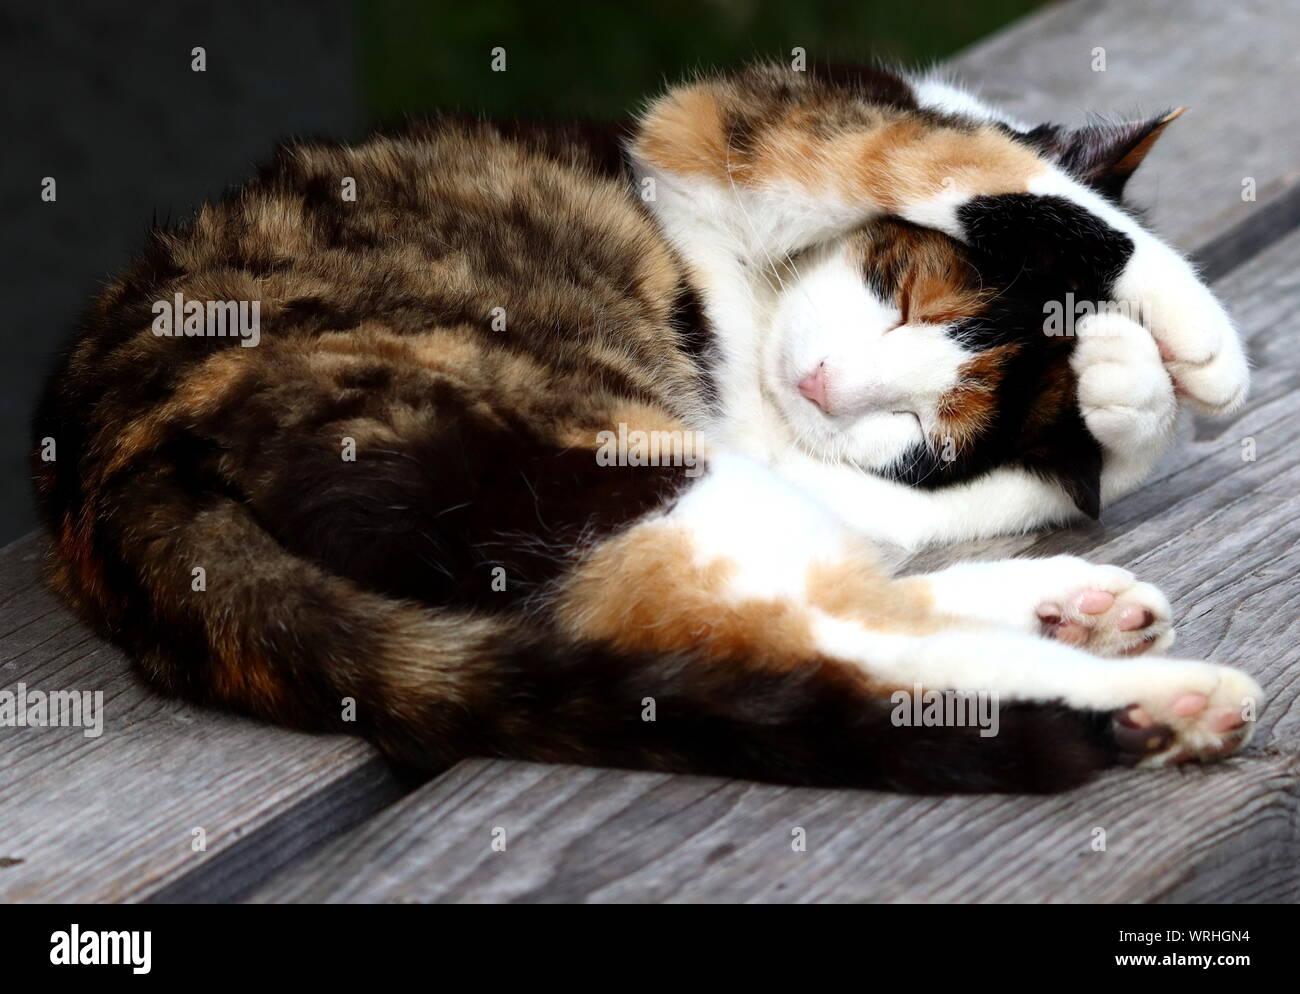 Sich putzende Katze liegend auf einer Bank, Pfoten über dem Kopf   Katzenwäsche * Preening cat lying on a bench with paws over its head   Cat's lick Stock Photo